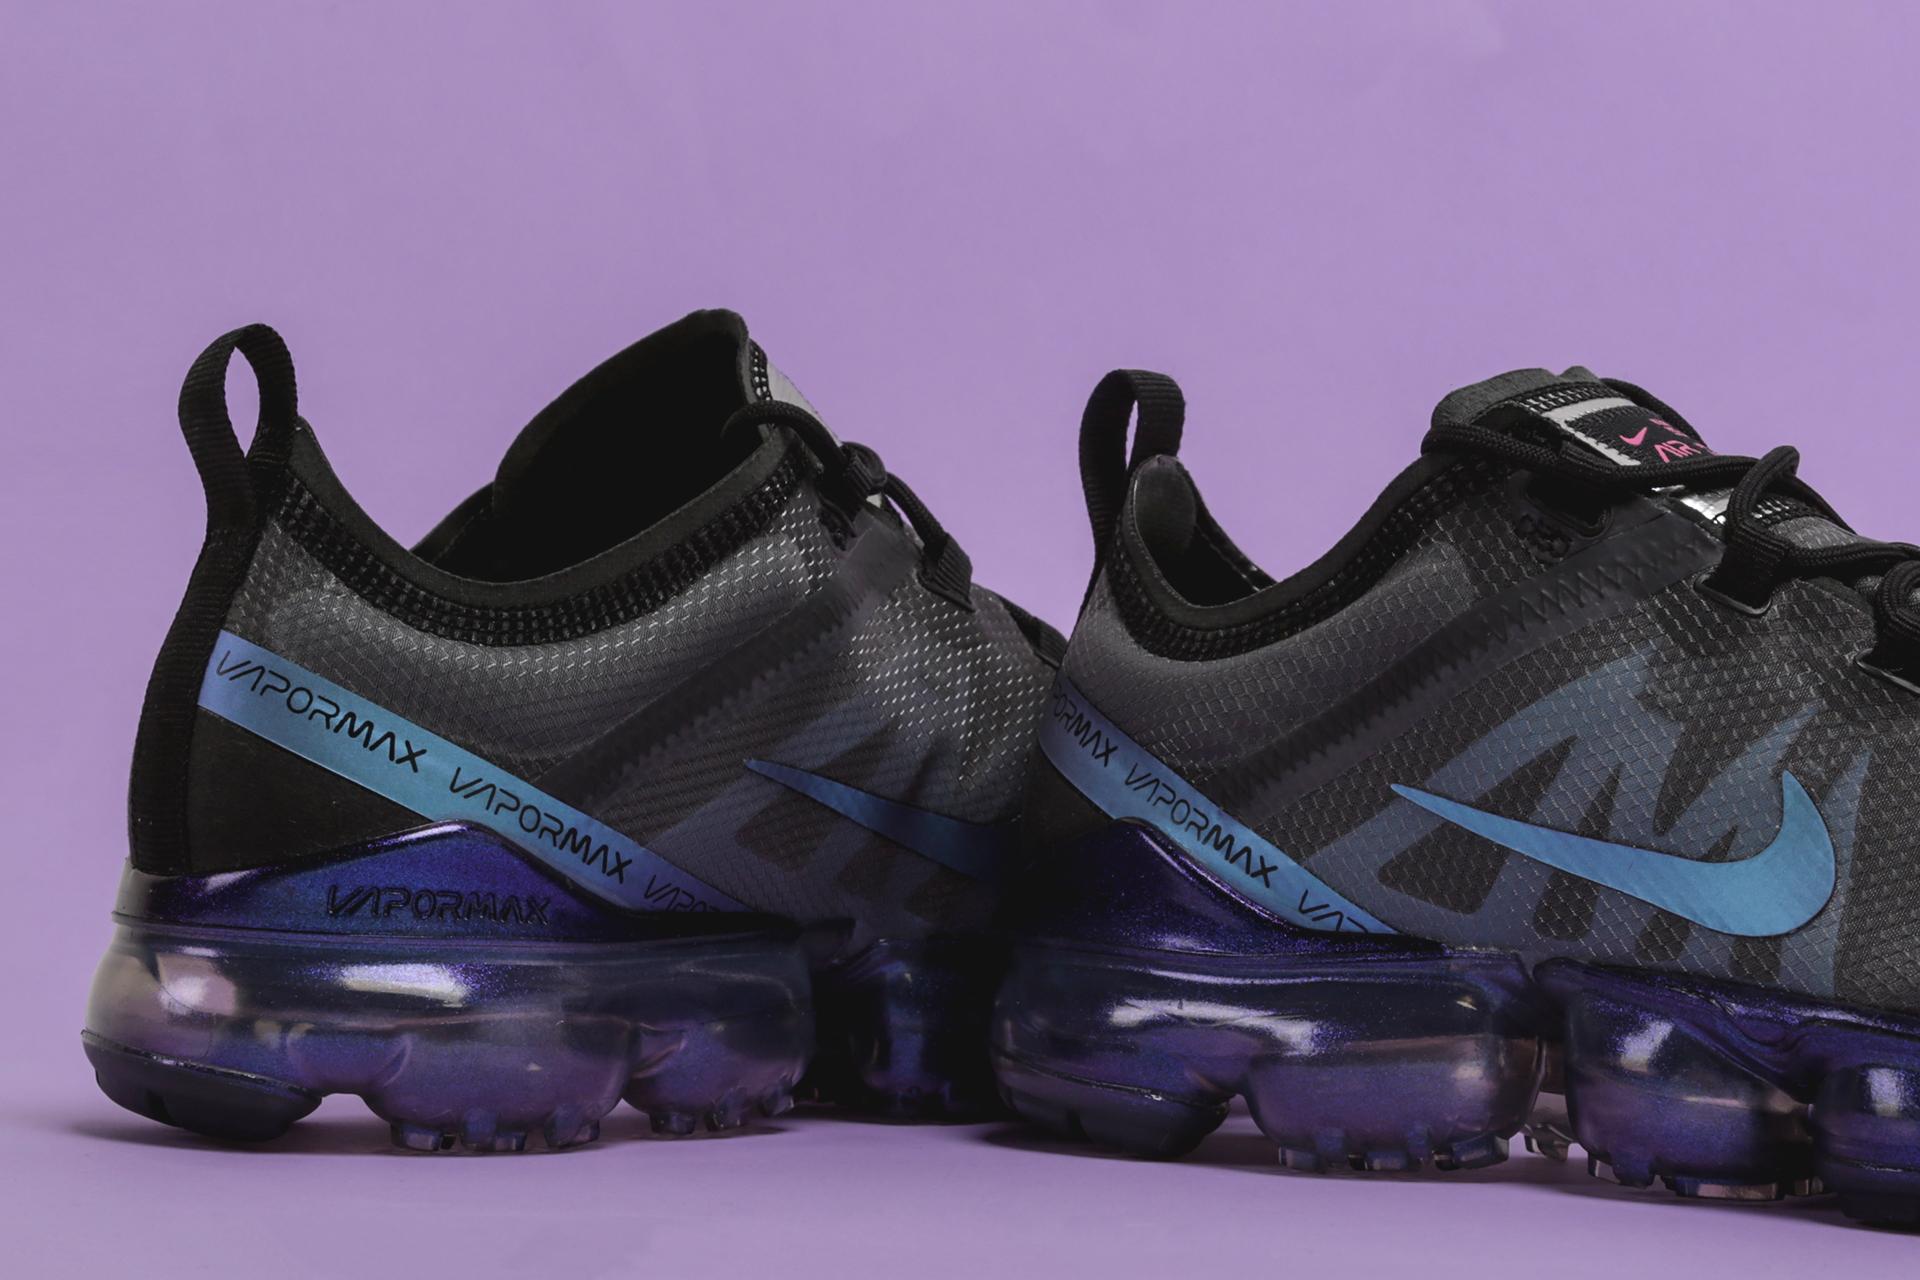 c581b7f2 ... Купить мужские черные кроссовки Nike Air Vapormax 2019 - фото 3  картинки ...